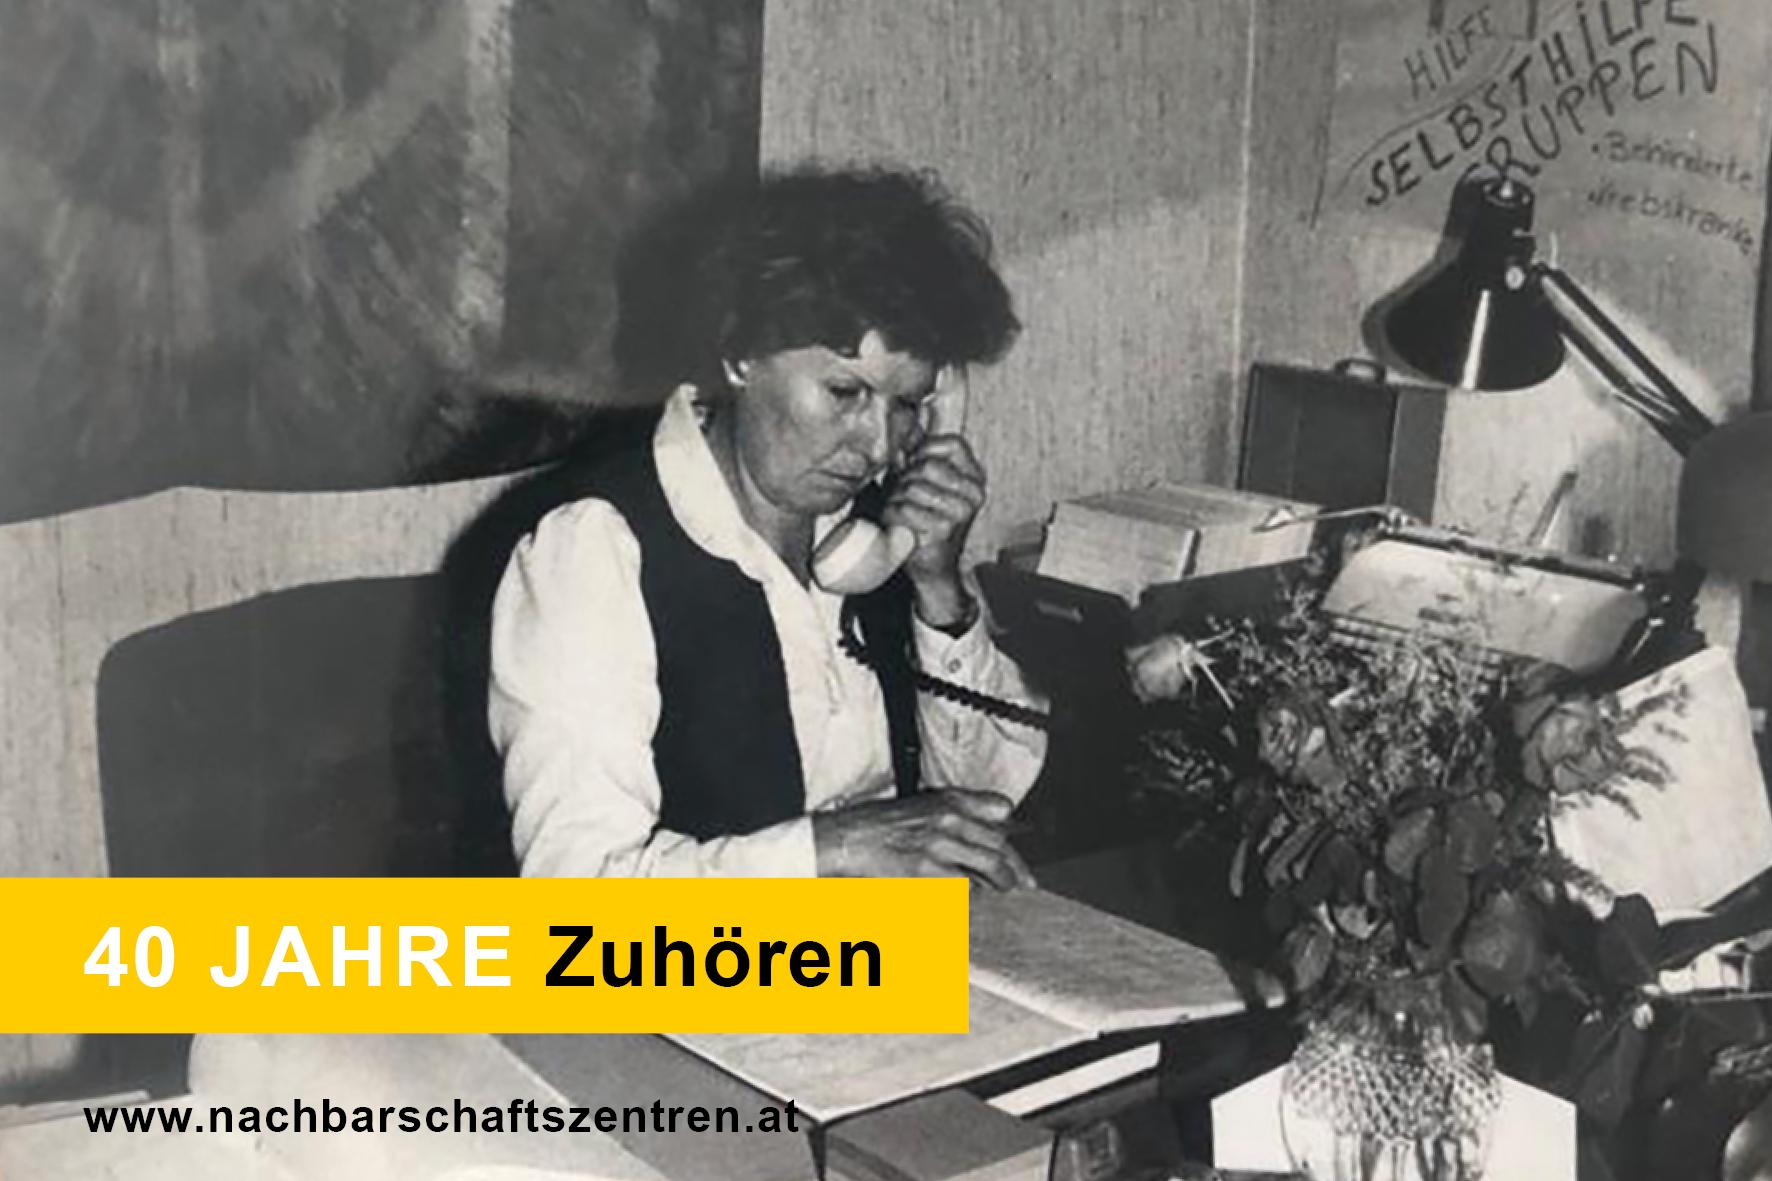 Eine Frau sitzt konzentriert am Telefon und führt ein GEspräch